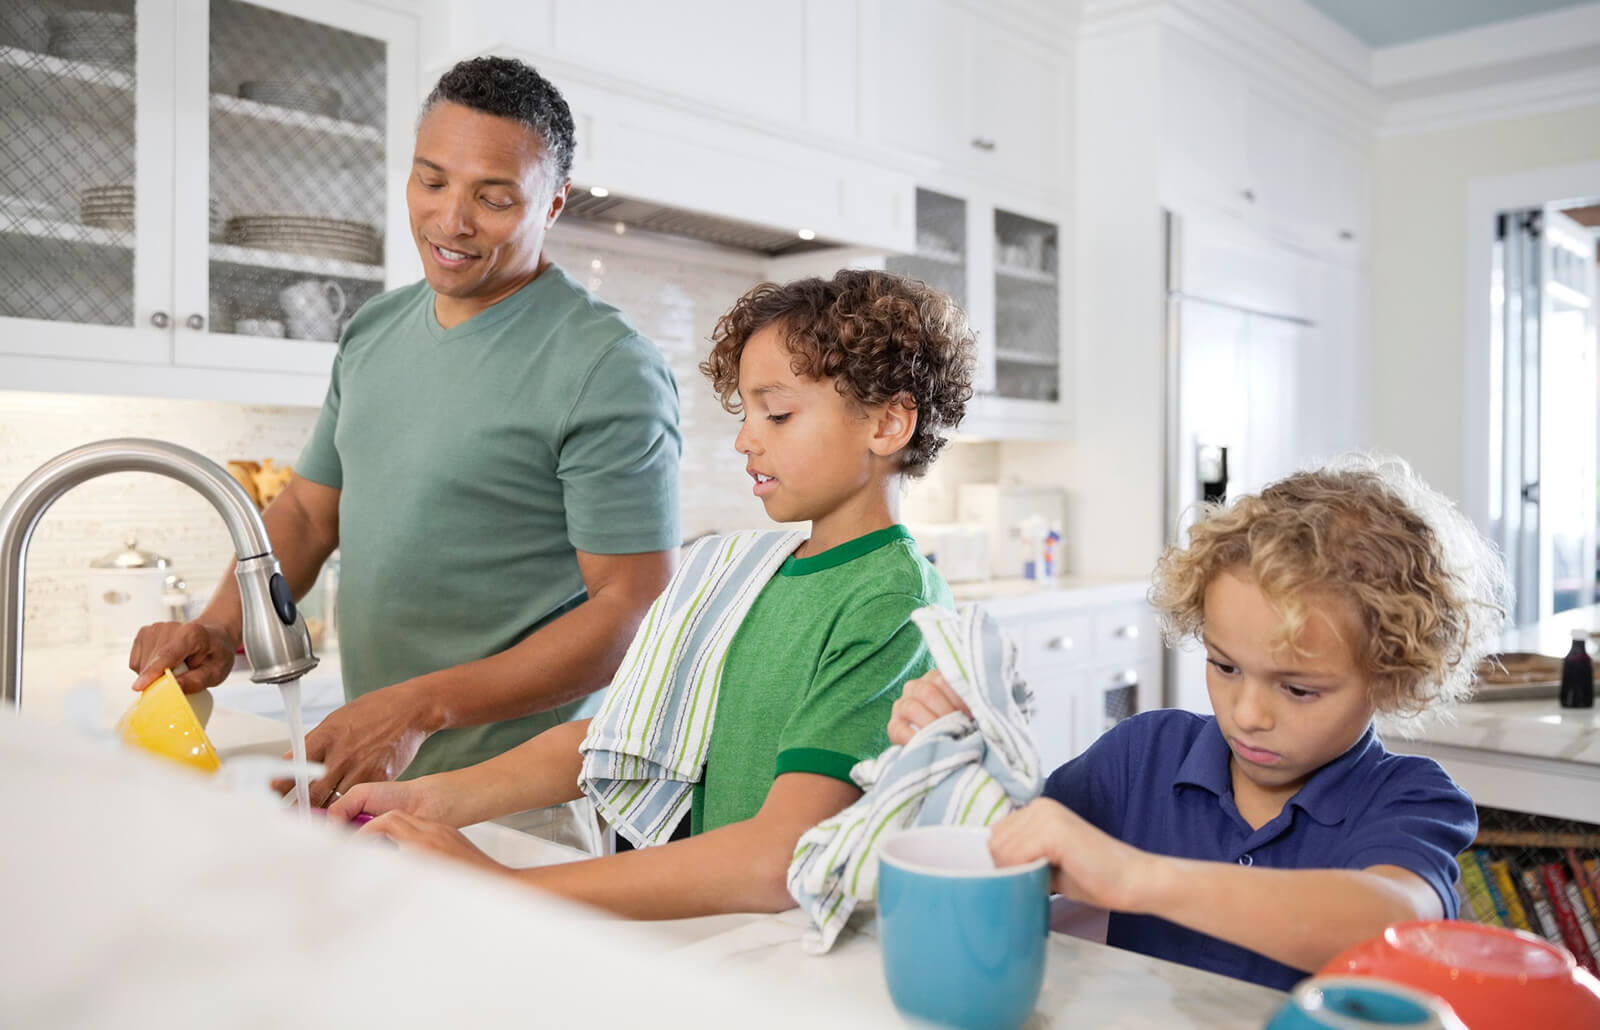 Gráficas de tareas domésticas imprimibles para los chicos | LoveToKnow